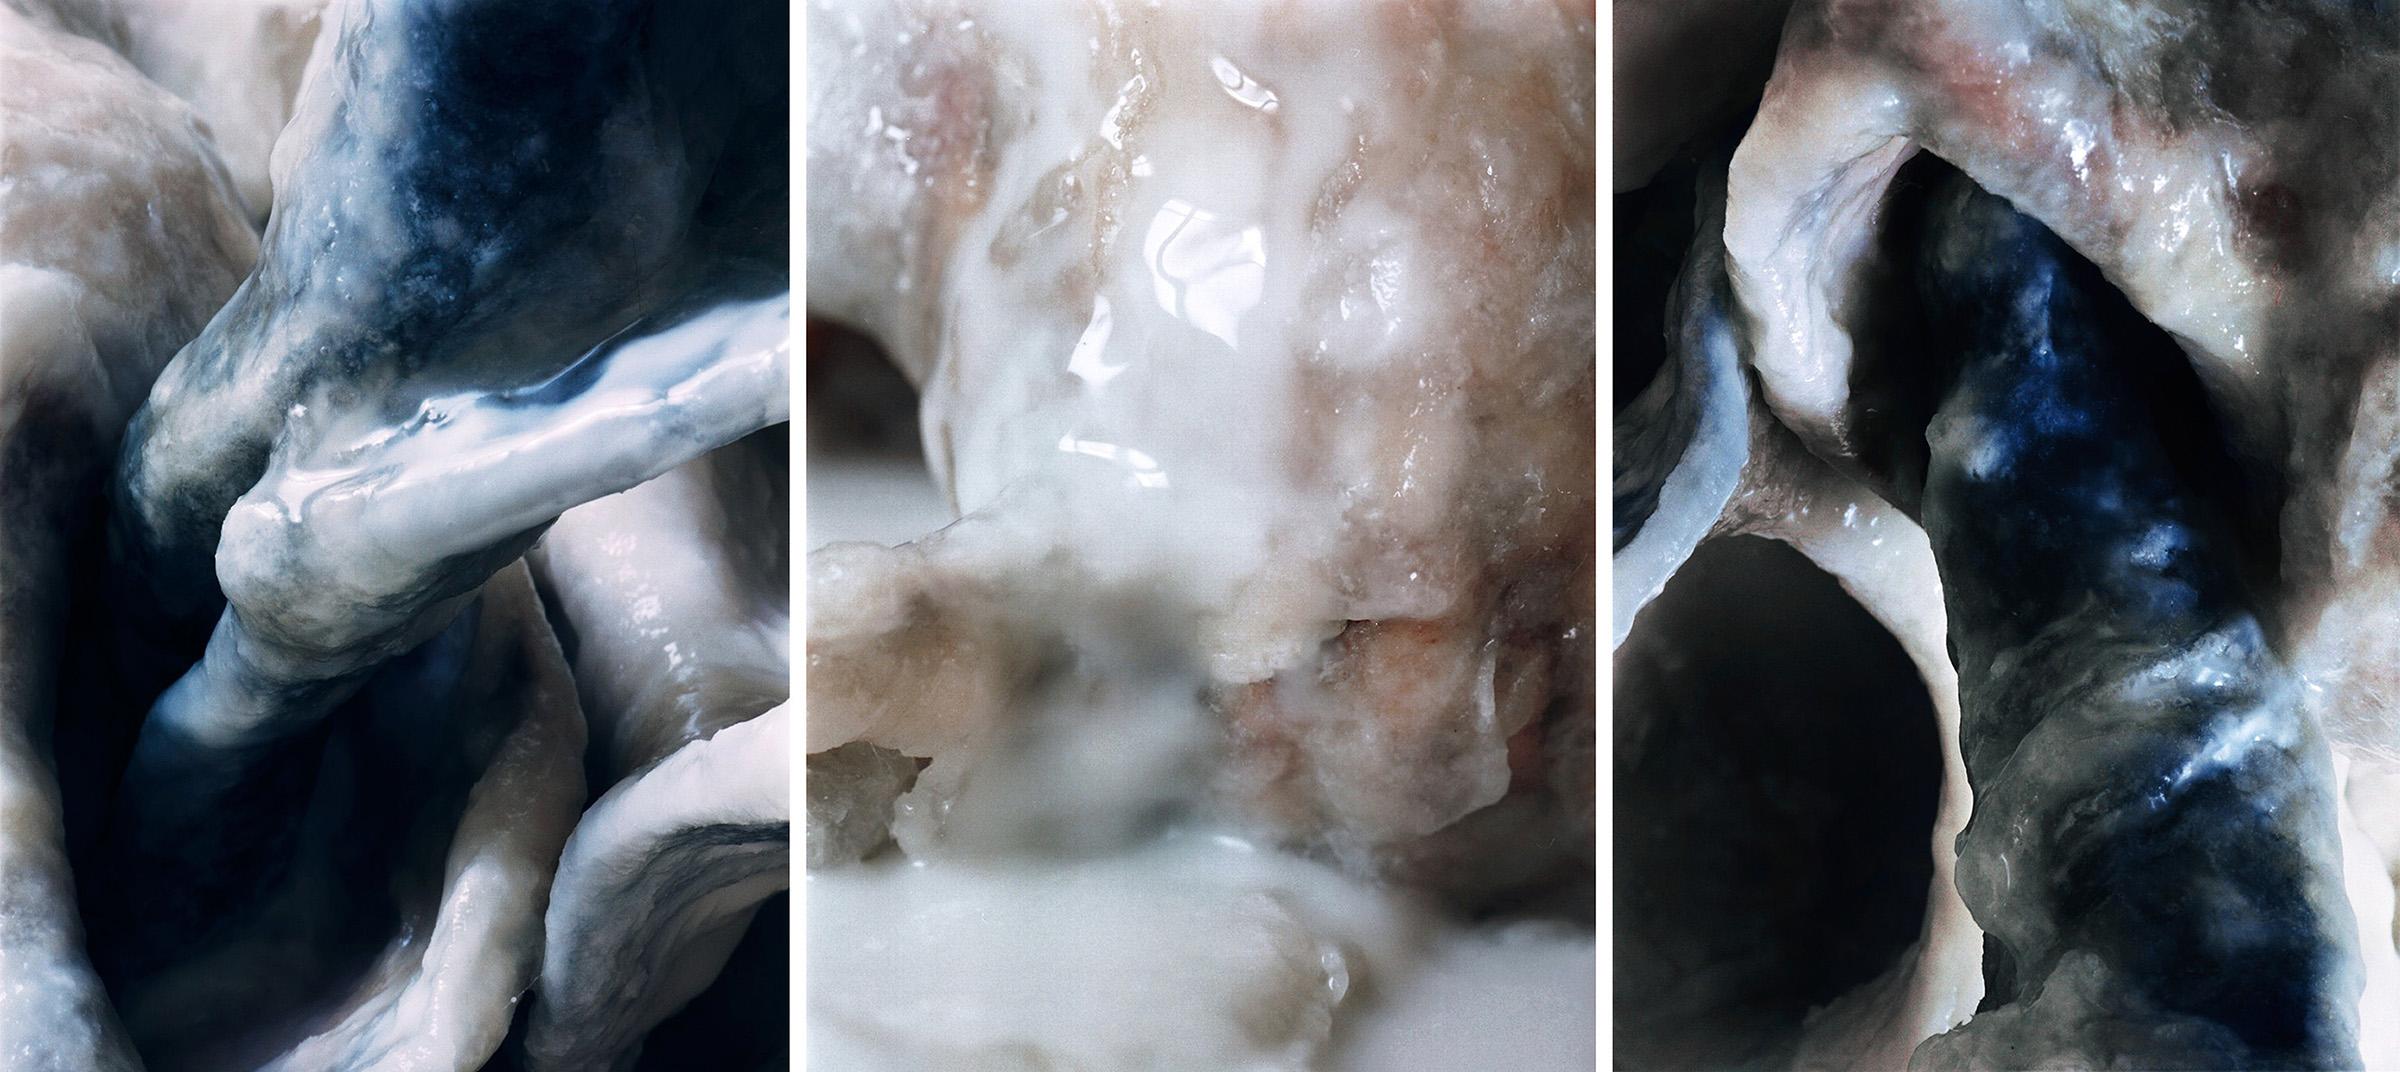 White Fluids  Triptich N°8, 2006/2015  T irages gélatino argentiques, 3 panneaux 144 x 104 cm chacun   Gelatin silver prints, 3 panels 56,69 x 40,94 inches each  4/4